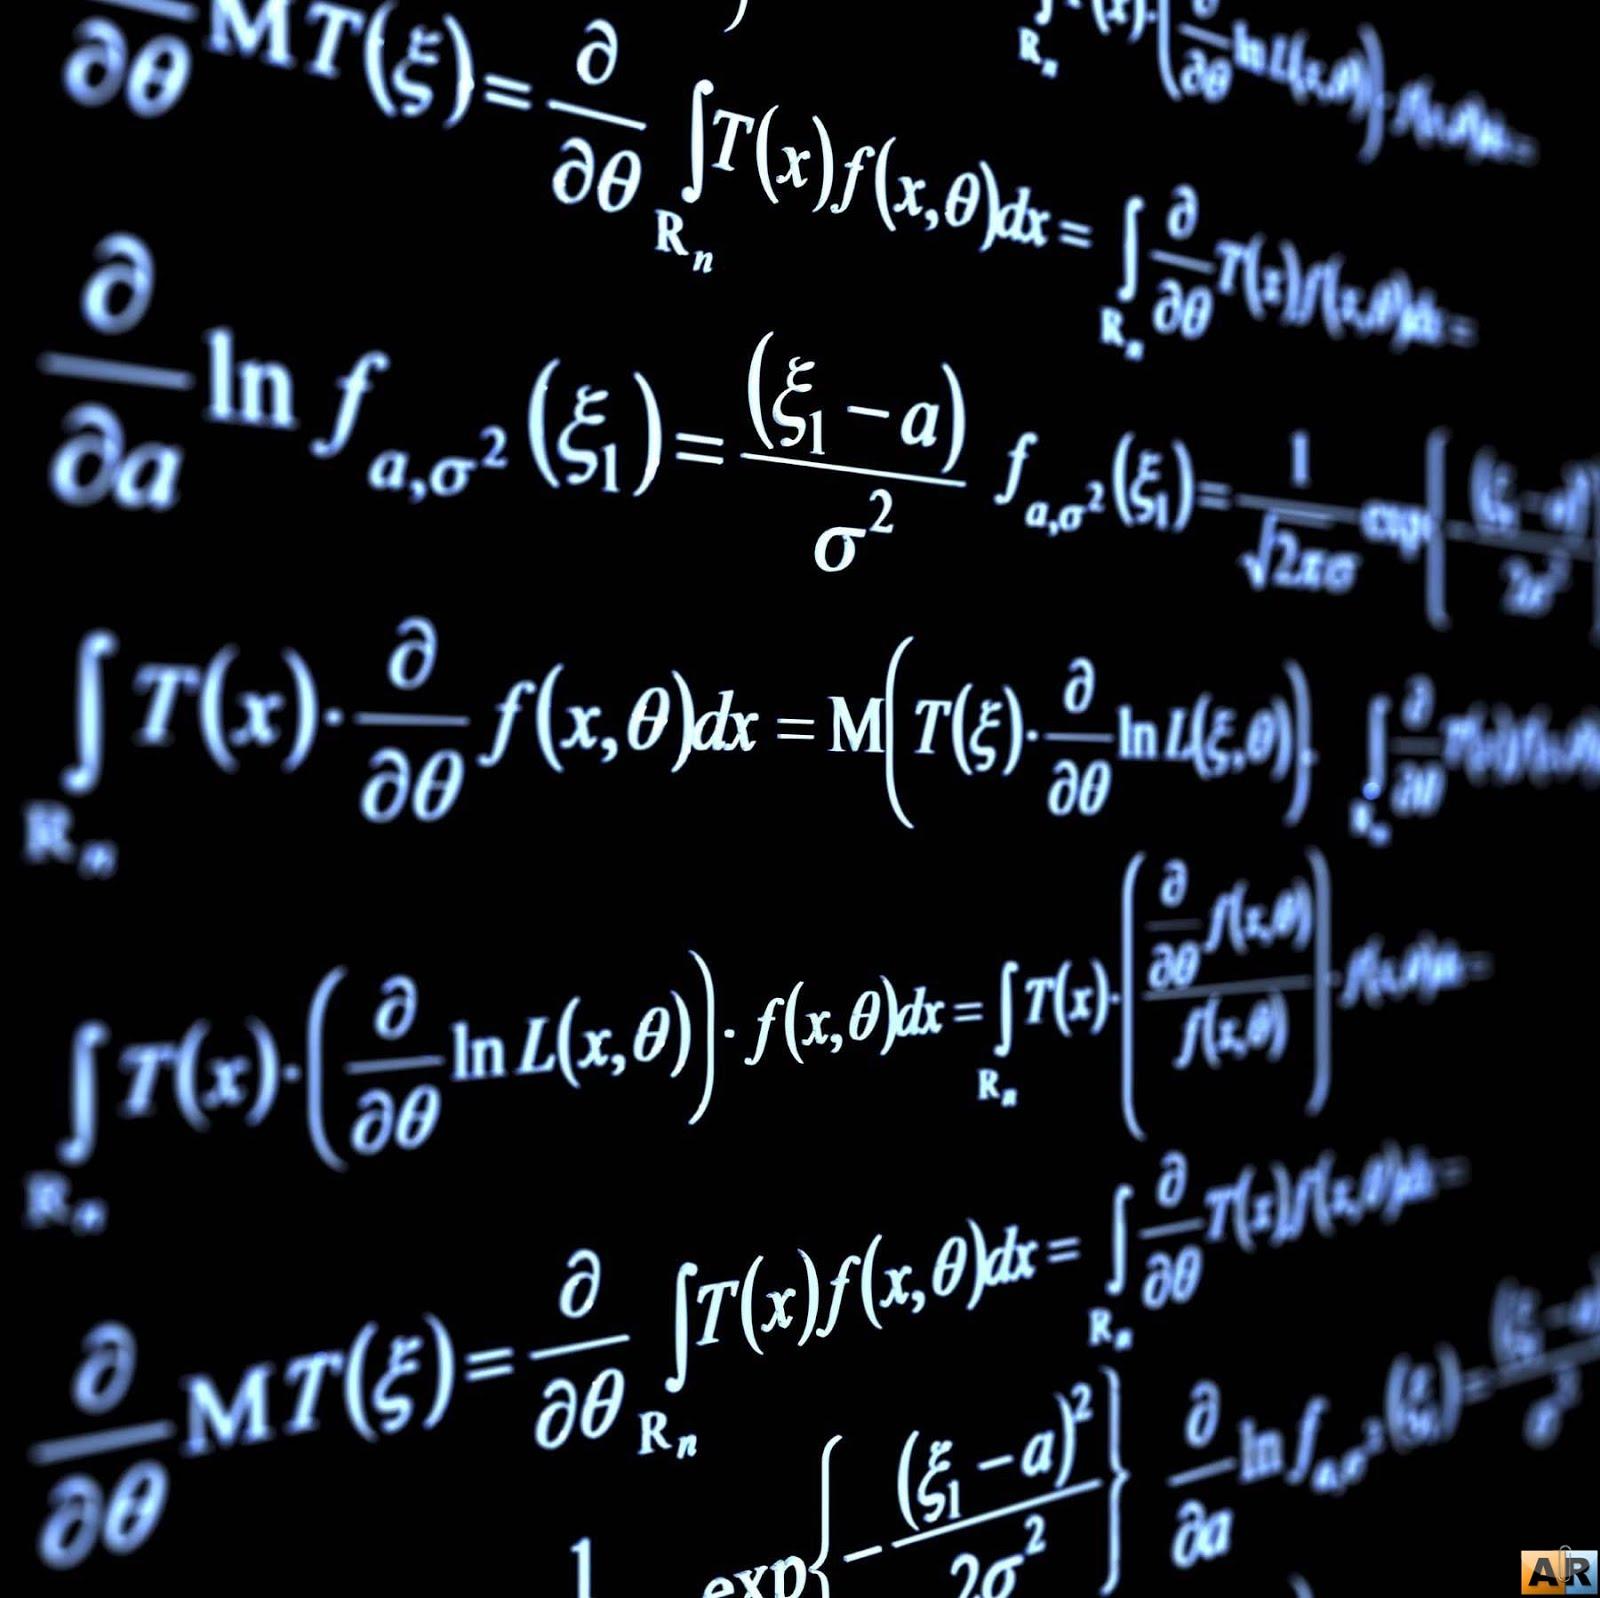 Matemalditas